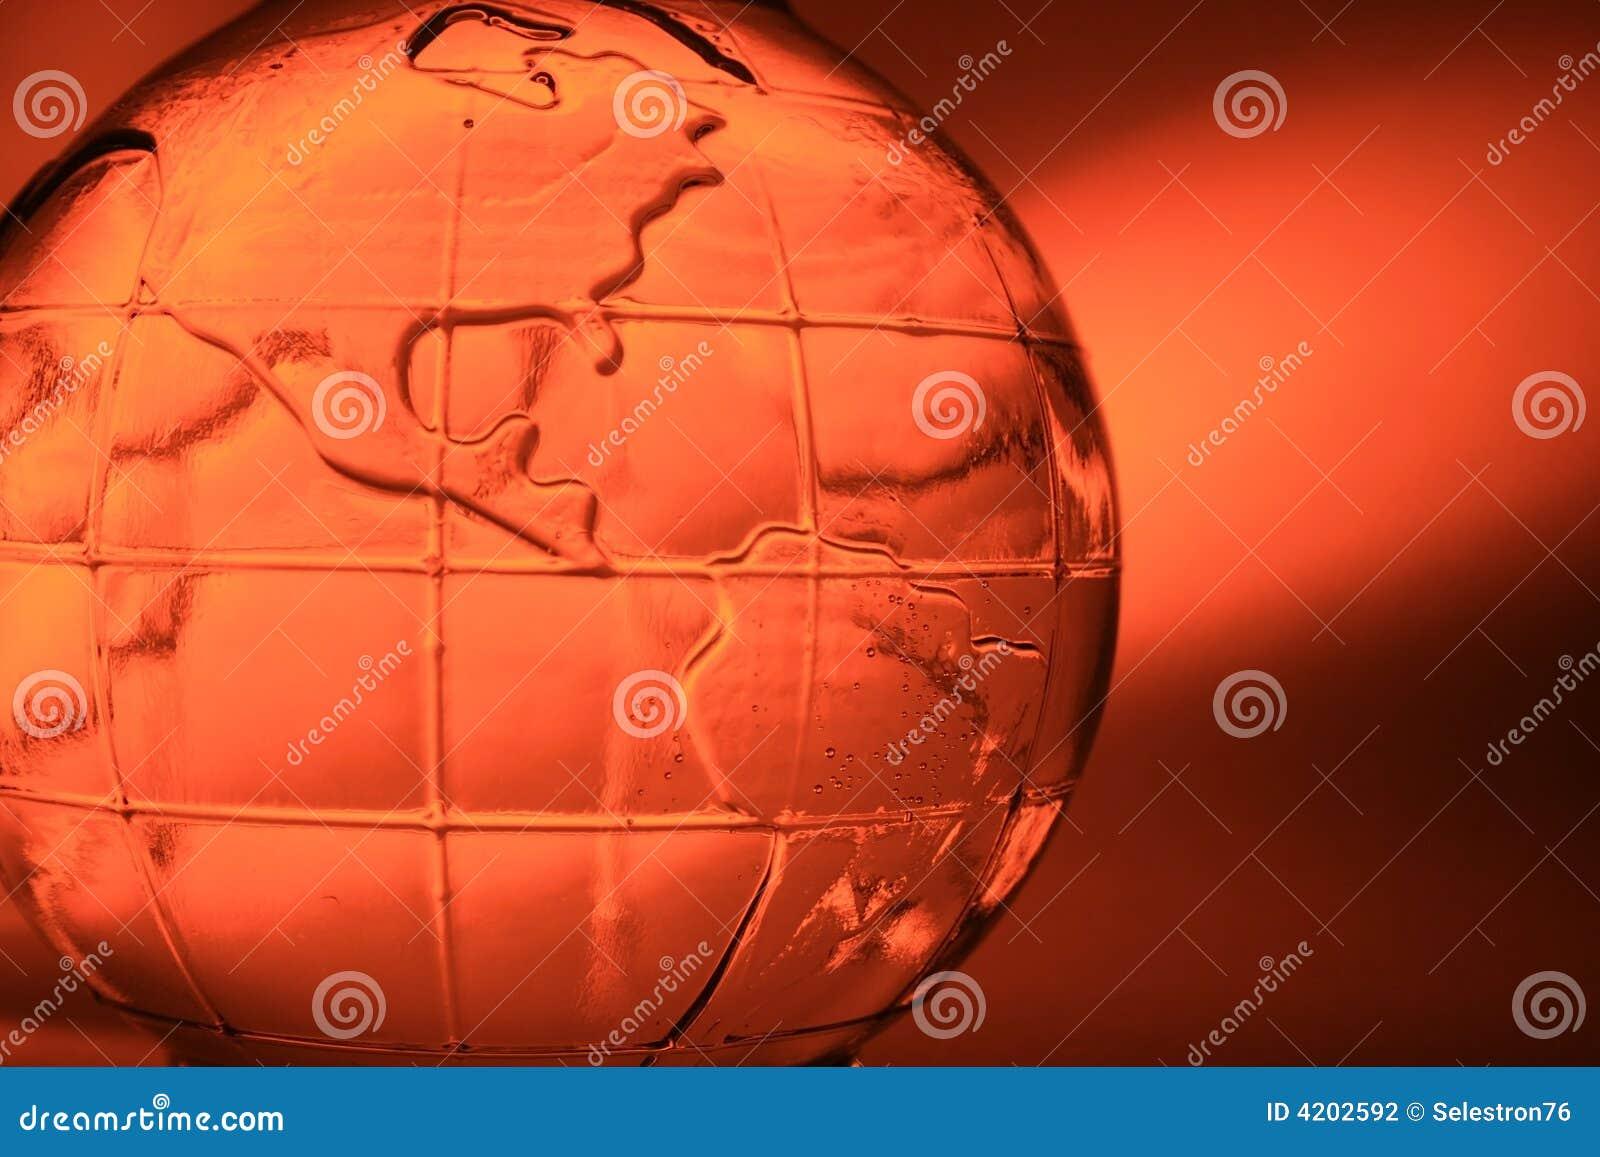 Orange glass globe